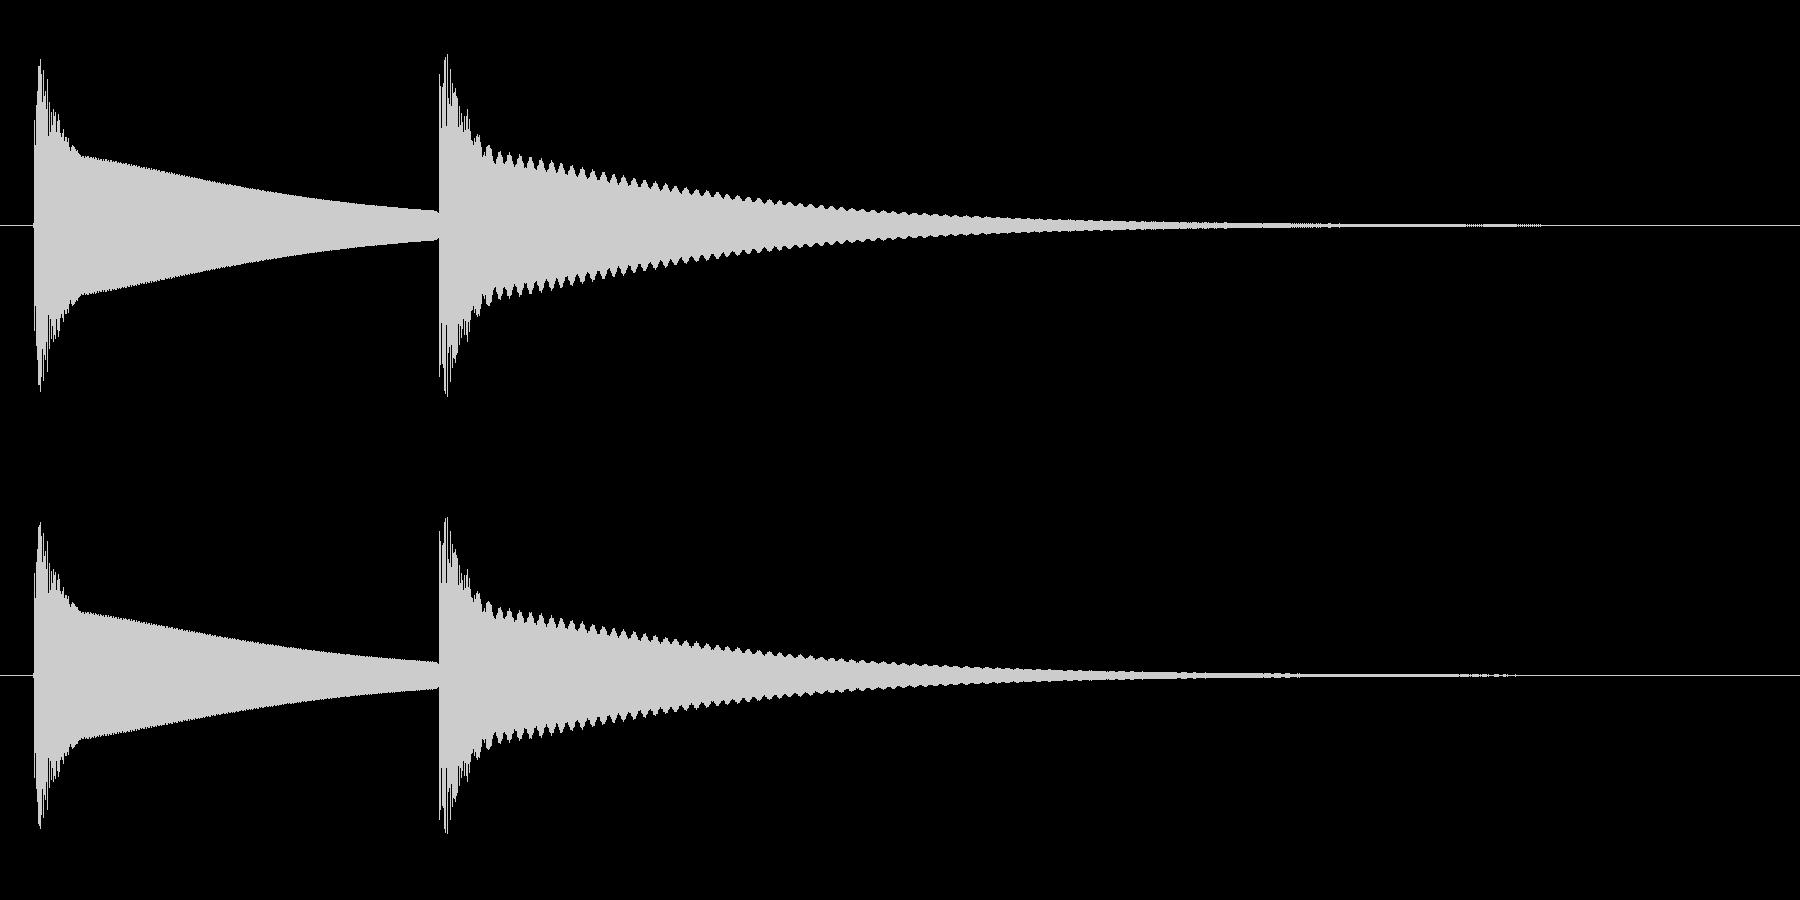 ピンポン(やや丸みのある高音の金属音)の未再生の波形